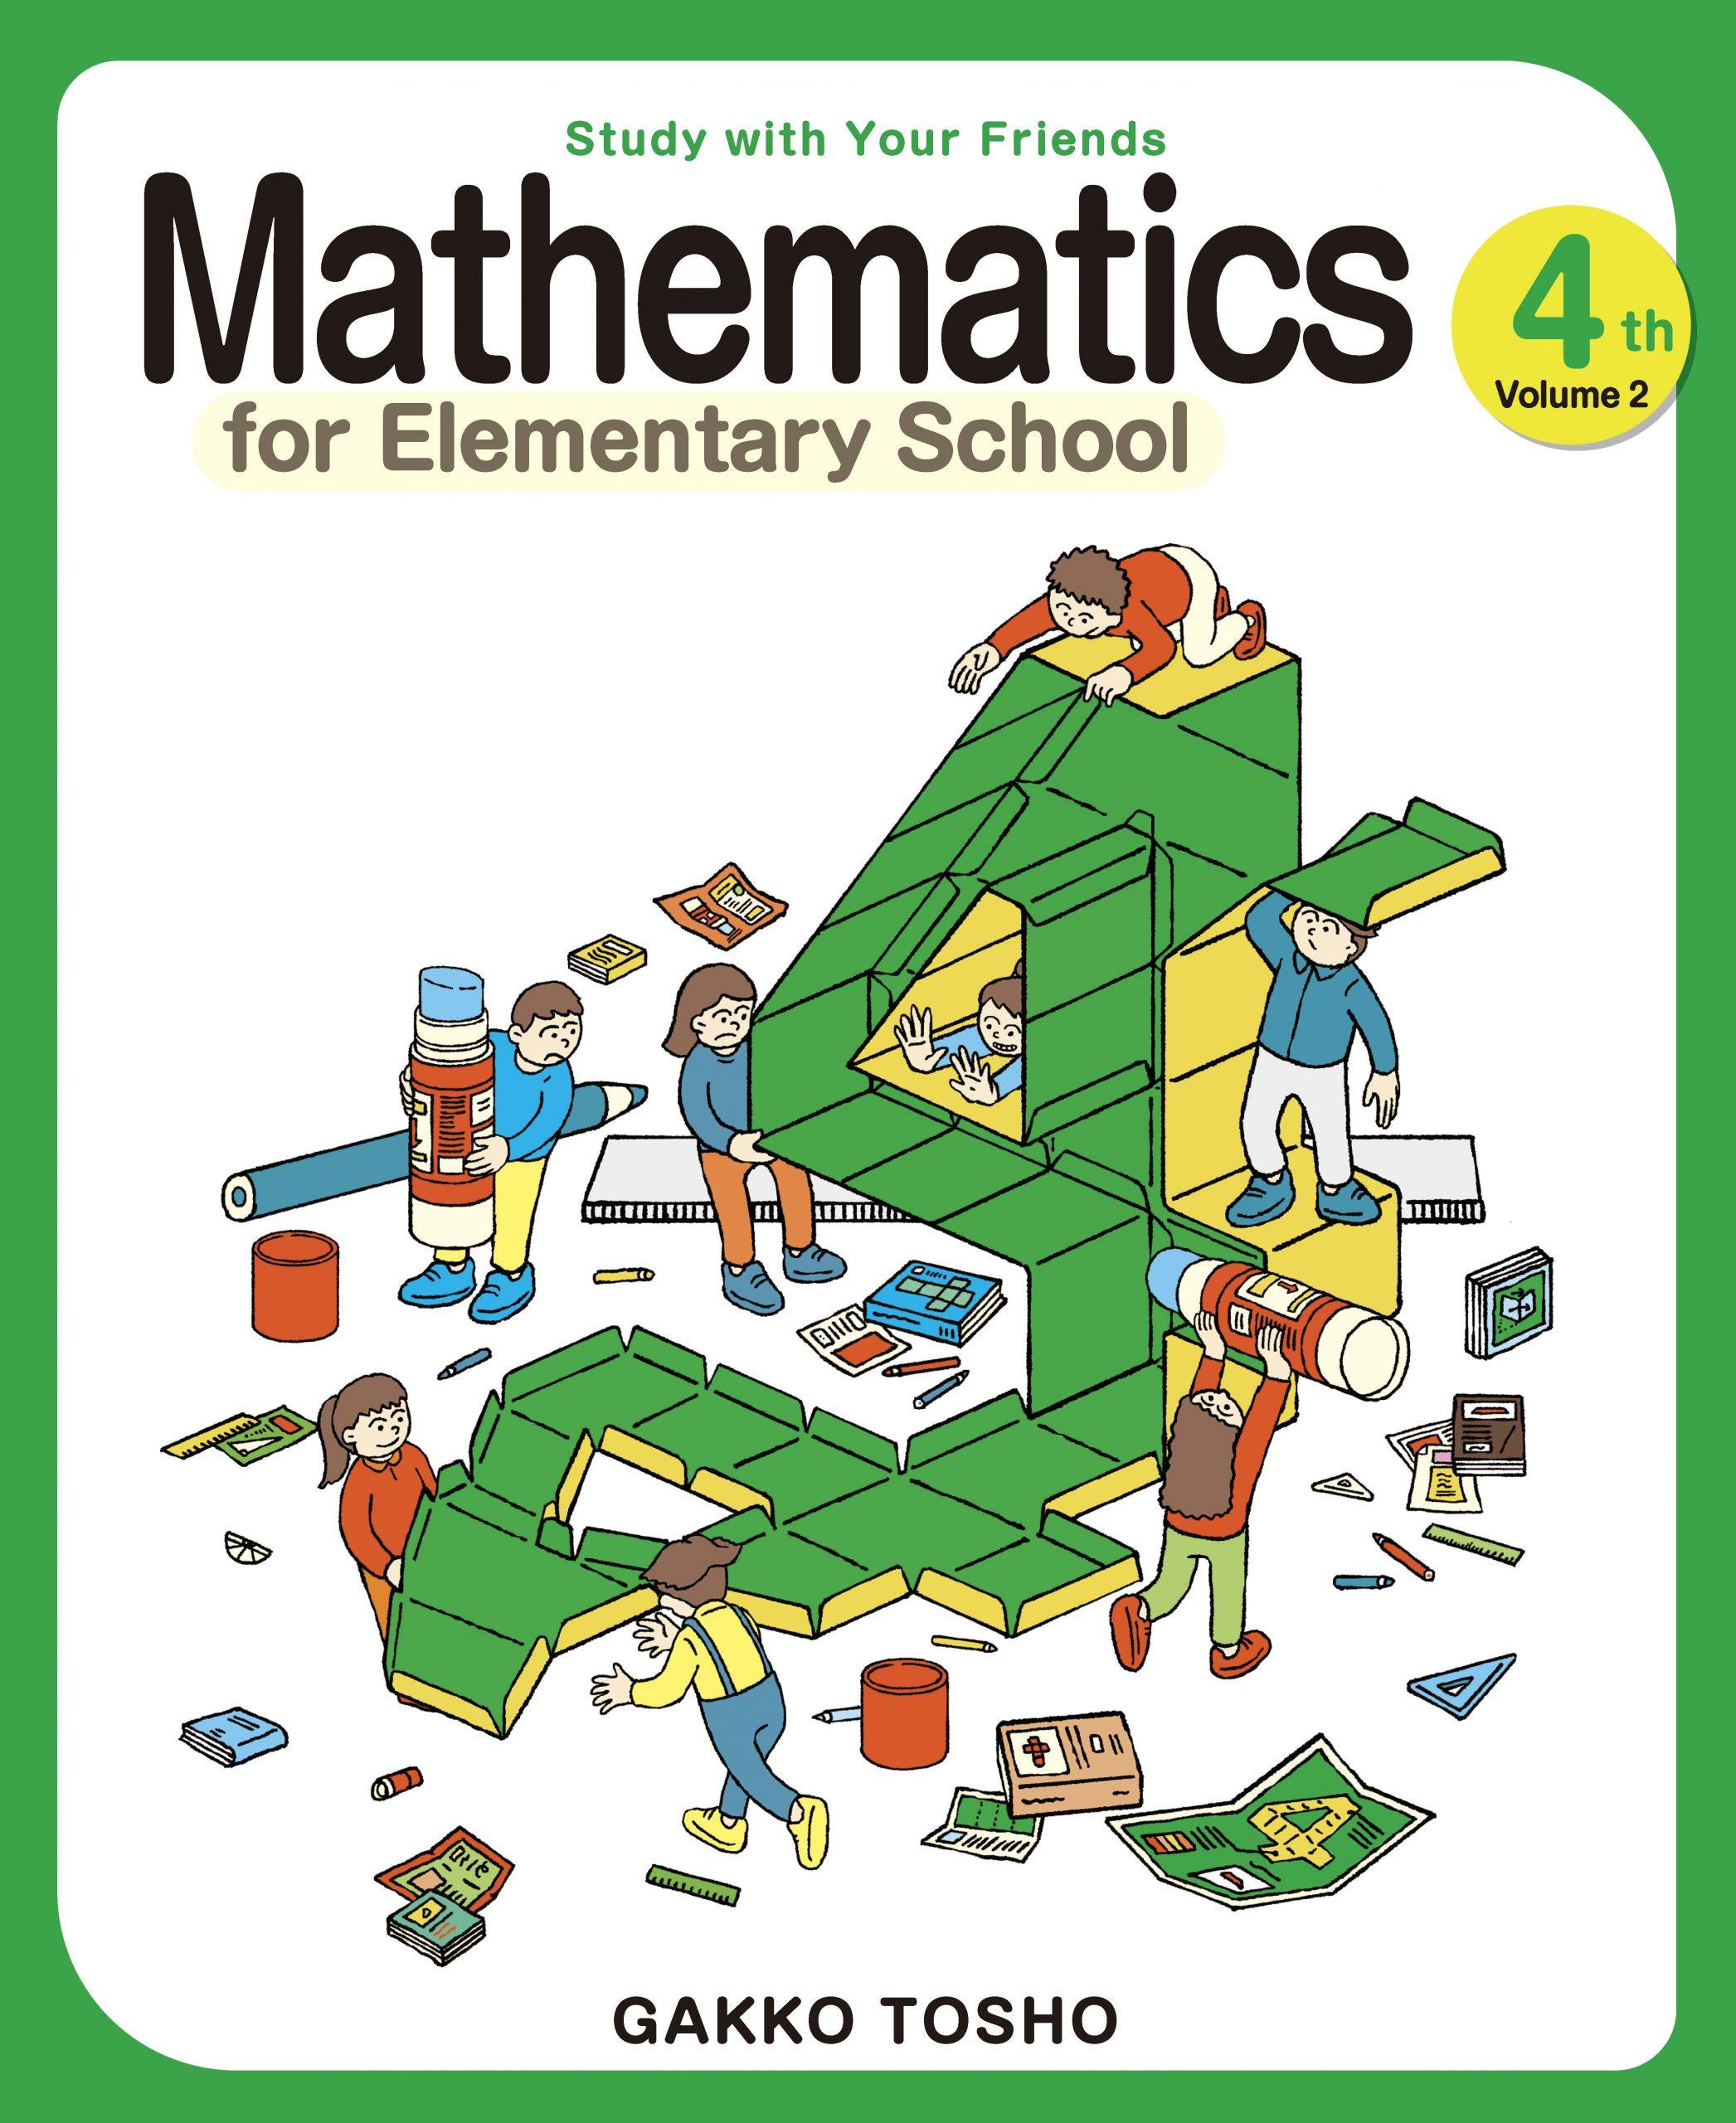 令和2年版 算数教科書英訳本4年下 MATHEMATICS 4th Grade VOL.2